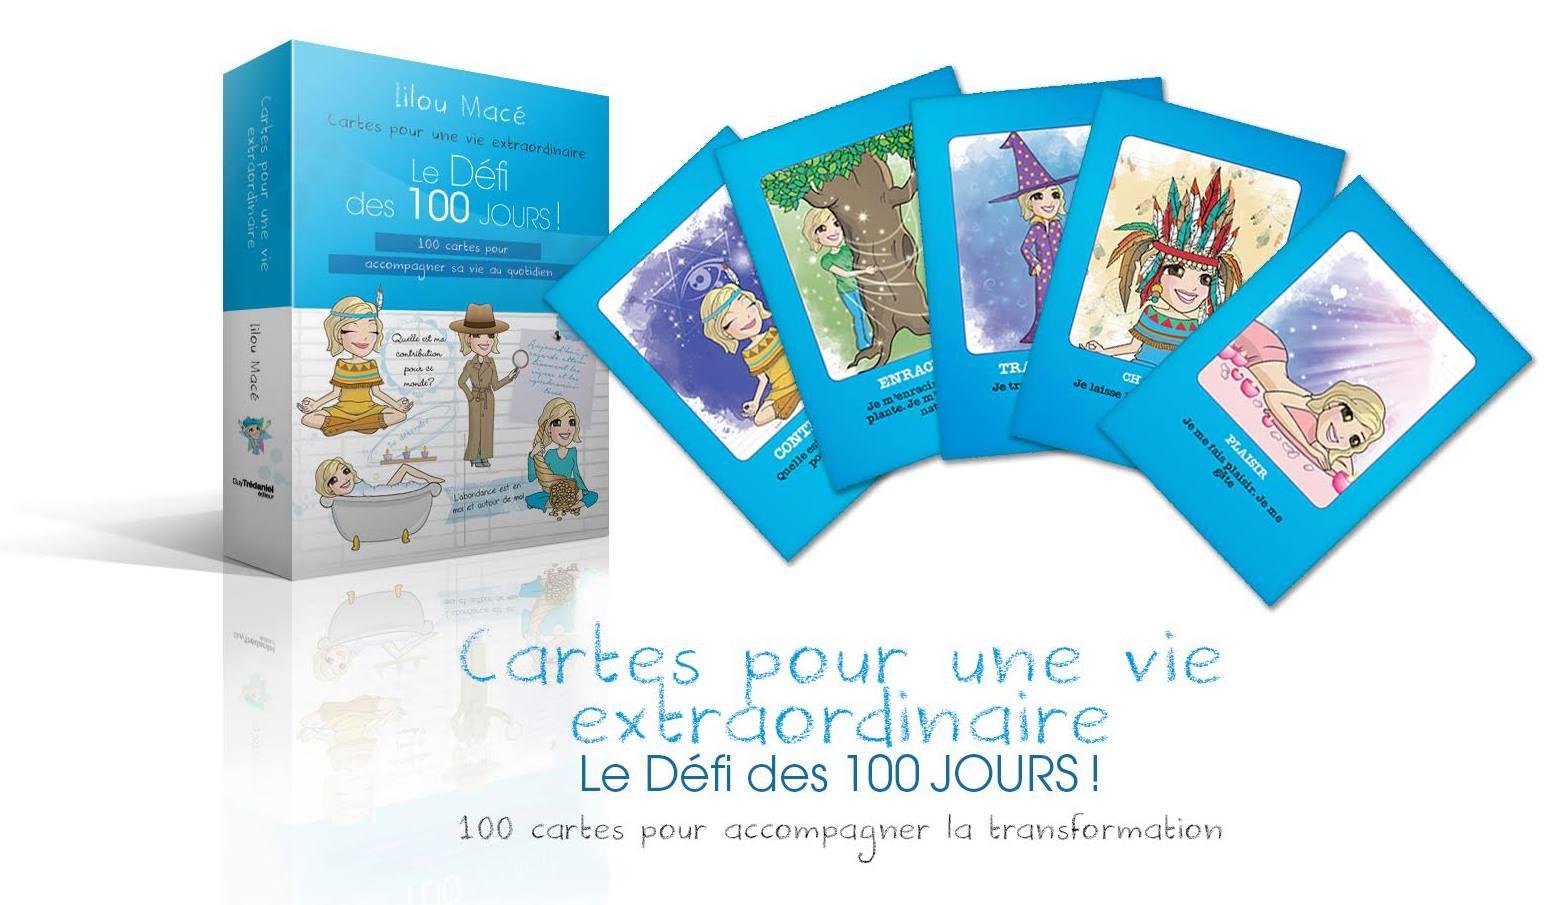 100 cartes pour accompagner sa vie au quotidien - Le Défi des 100 jours